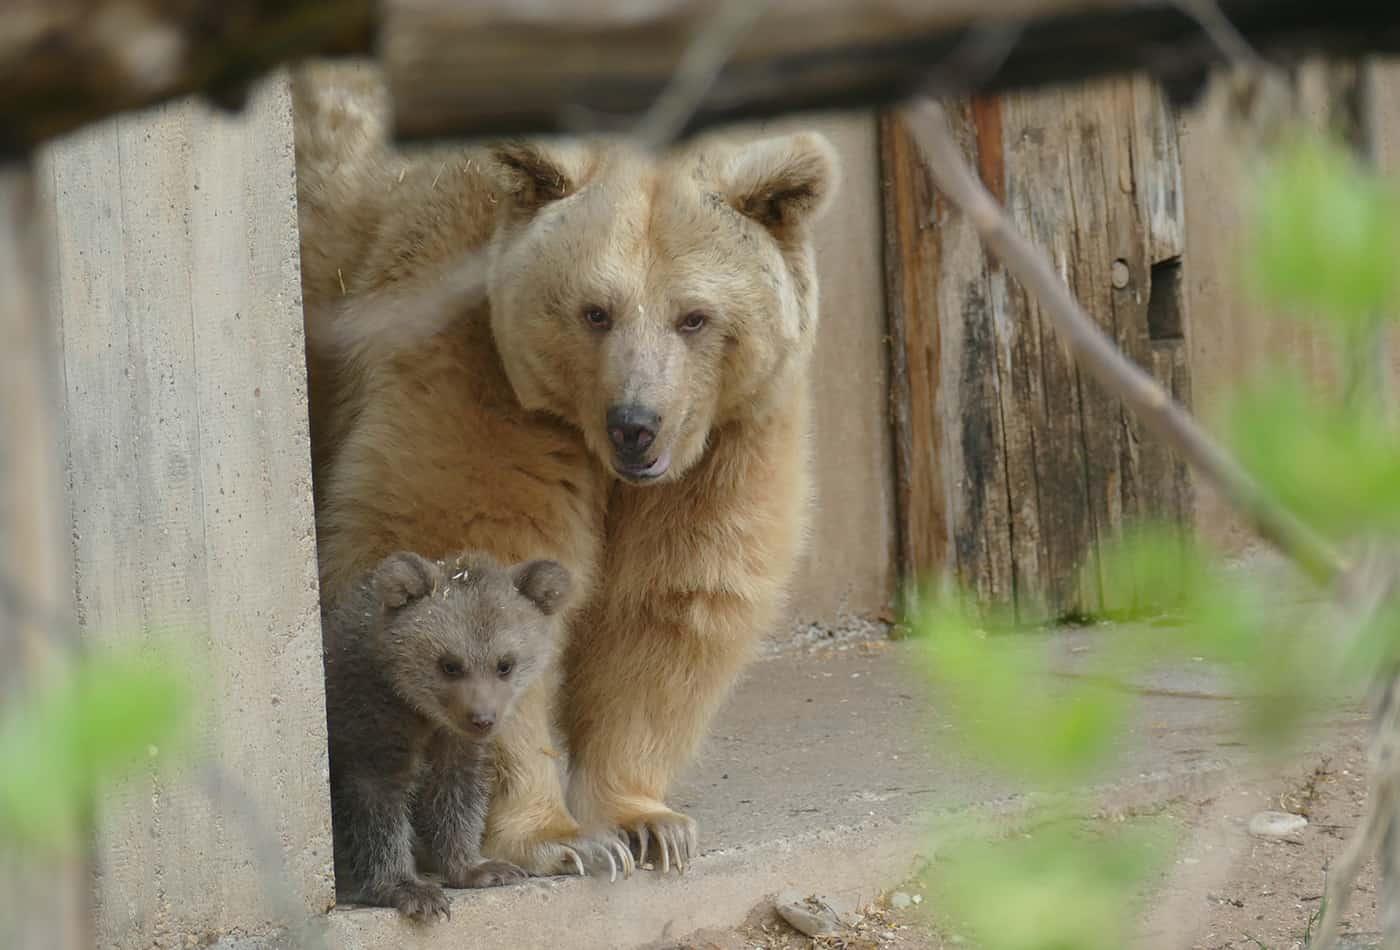 Bären-Nachwuchs Merle zeigt sich auf der Außenanlage (Foto: Heidrun Knigge/Zoo Heidelberg)